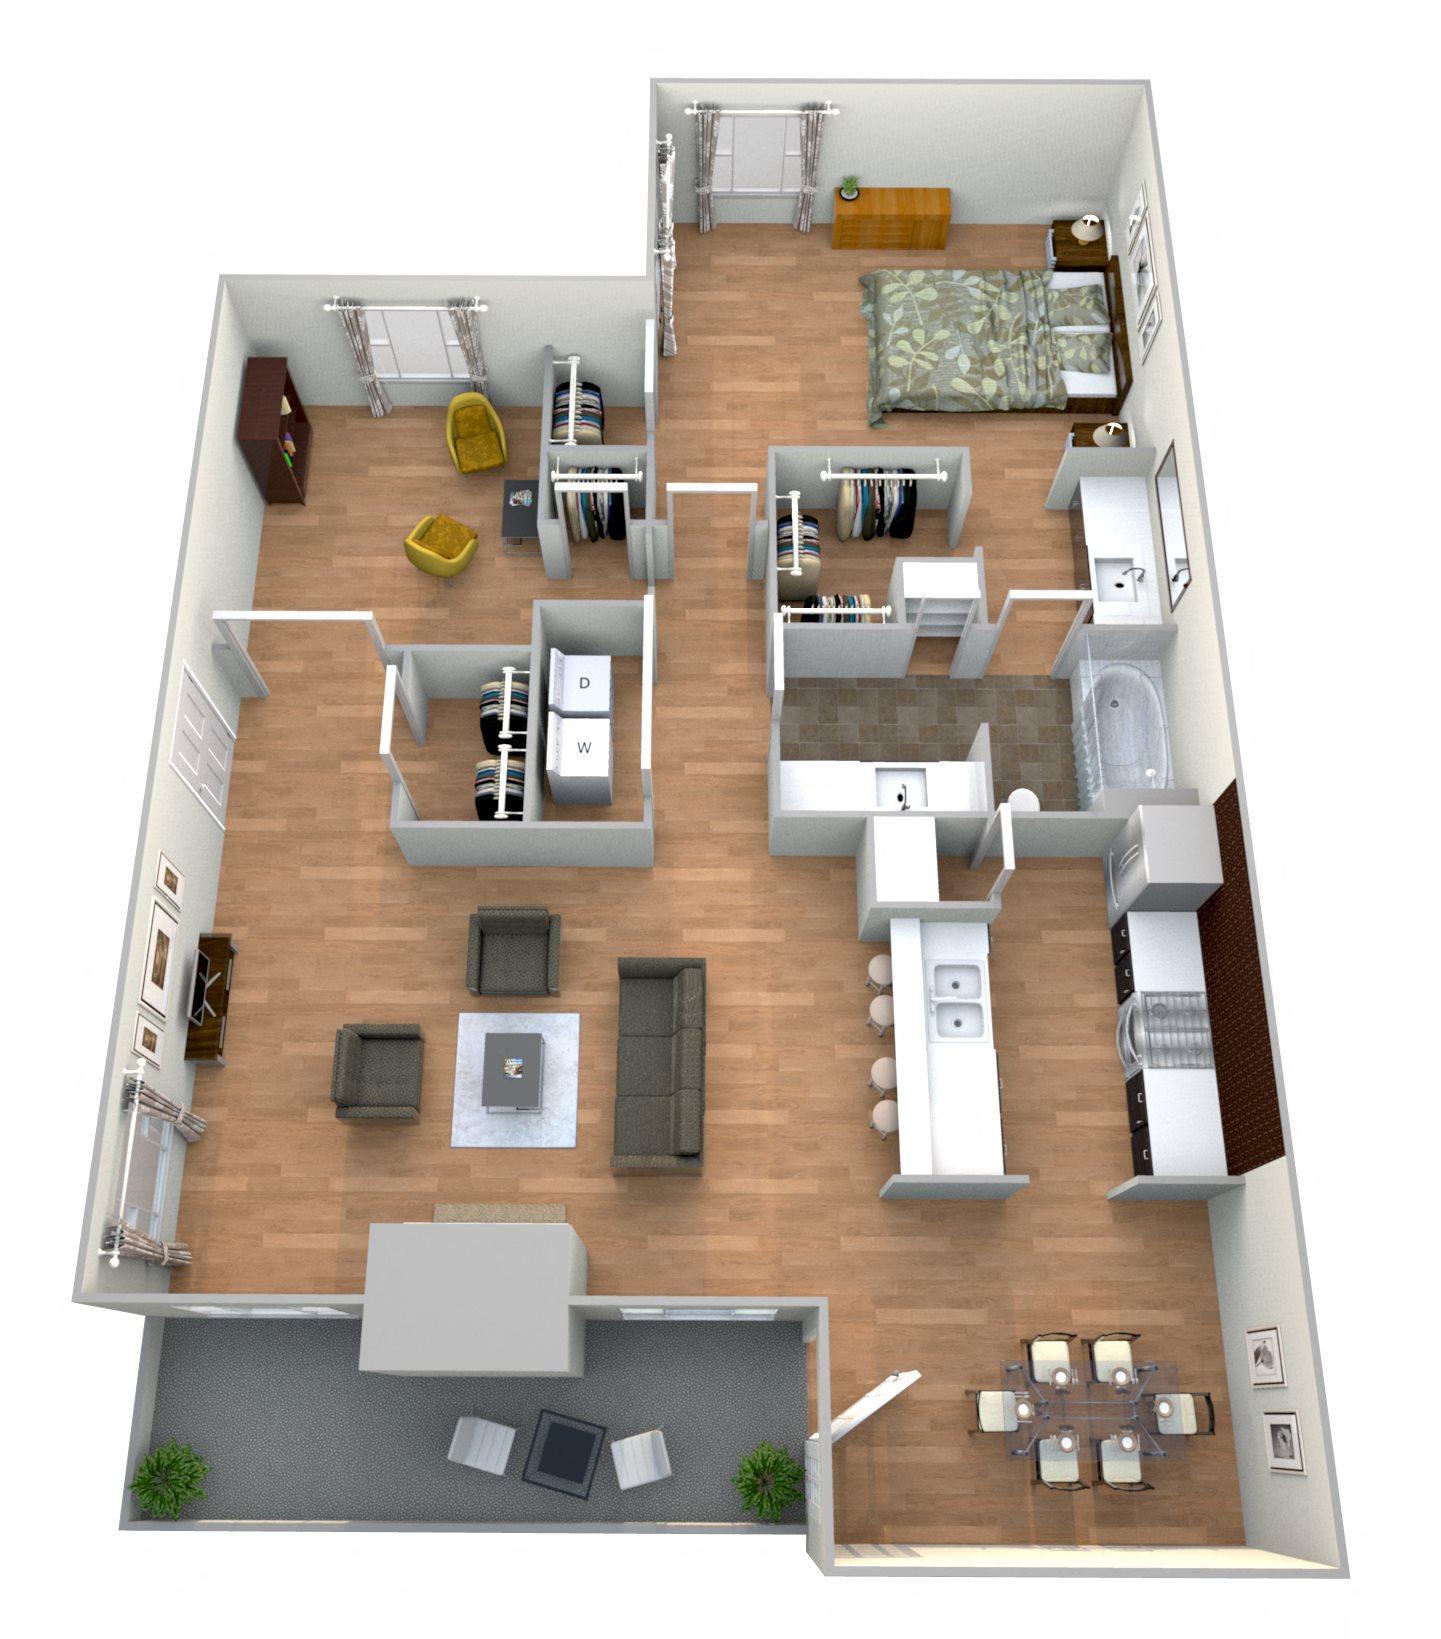 1 Bed 1Bath Den Floor Plan 1